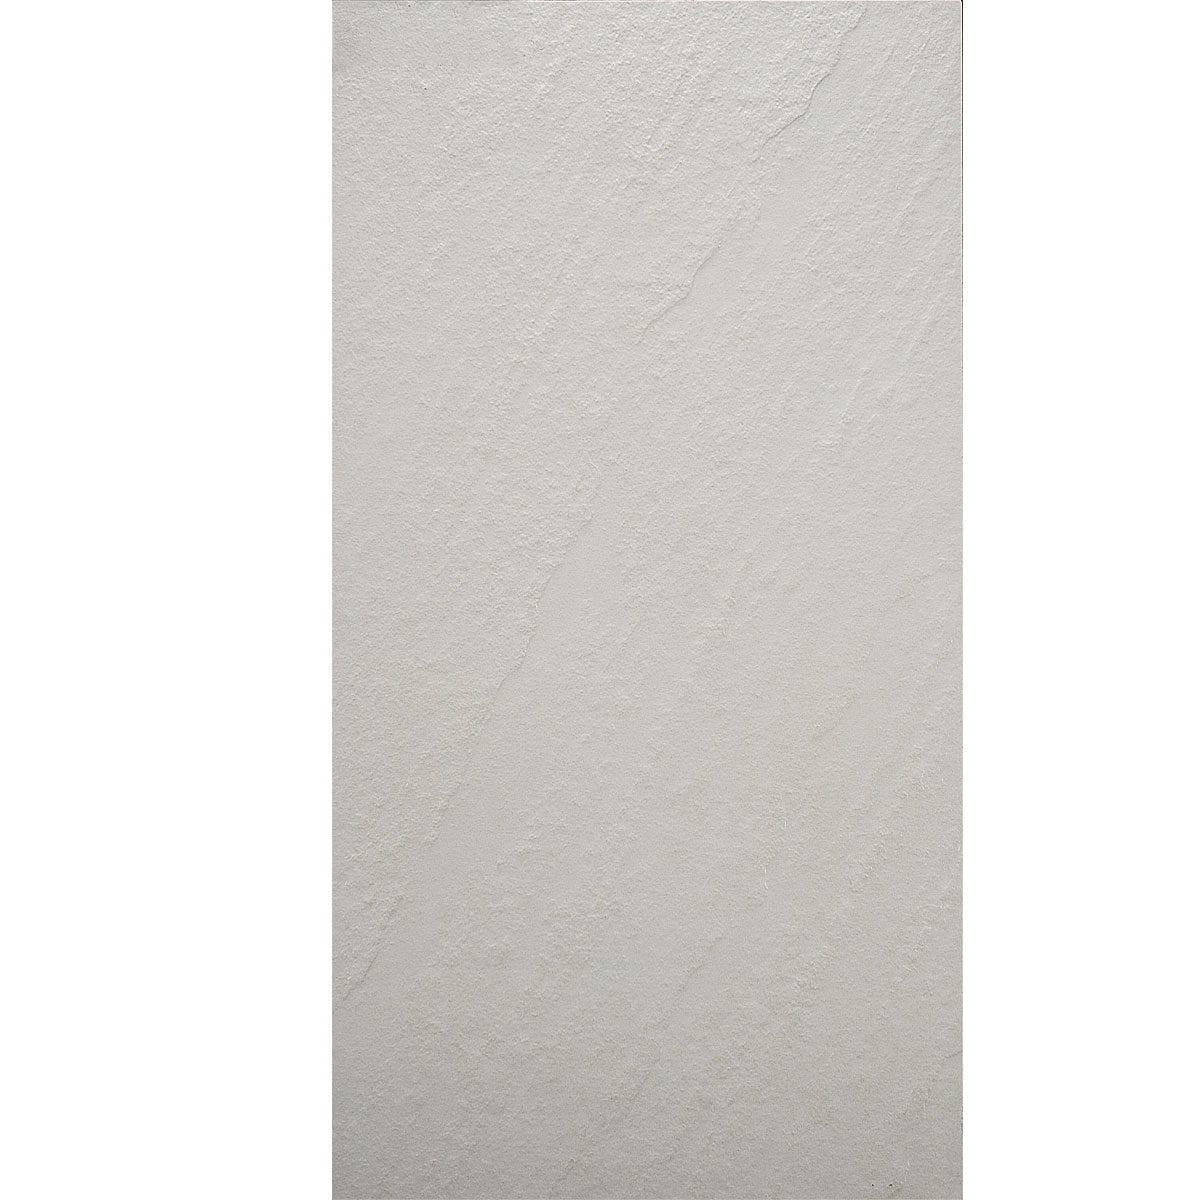 DESERT WHITE T10008 P1